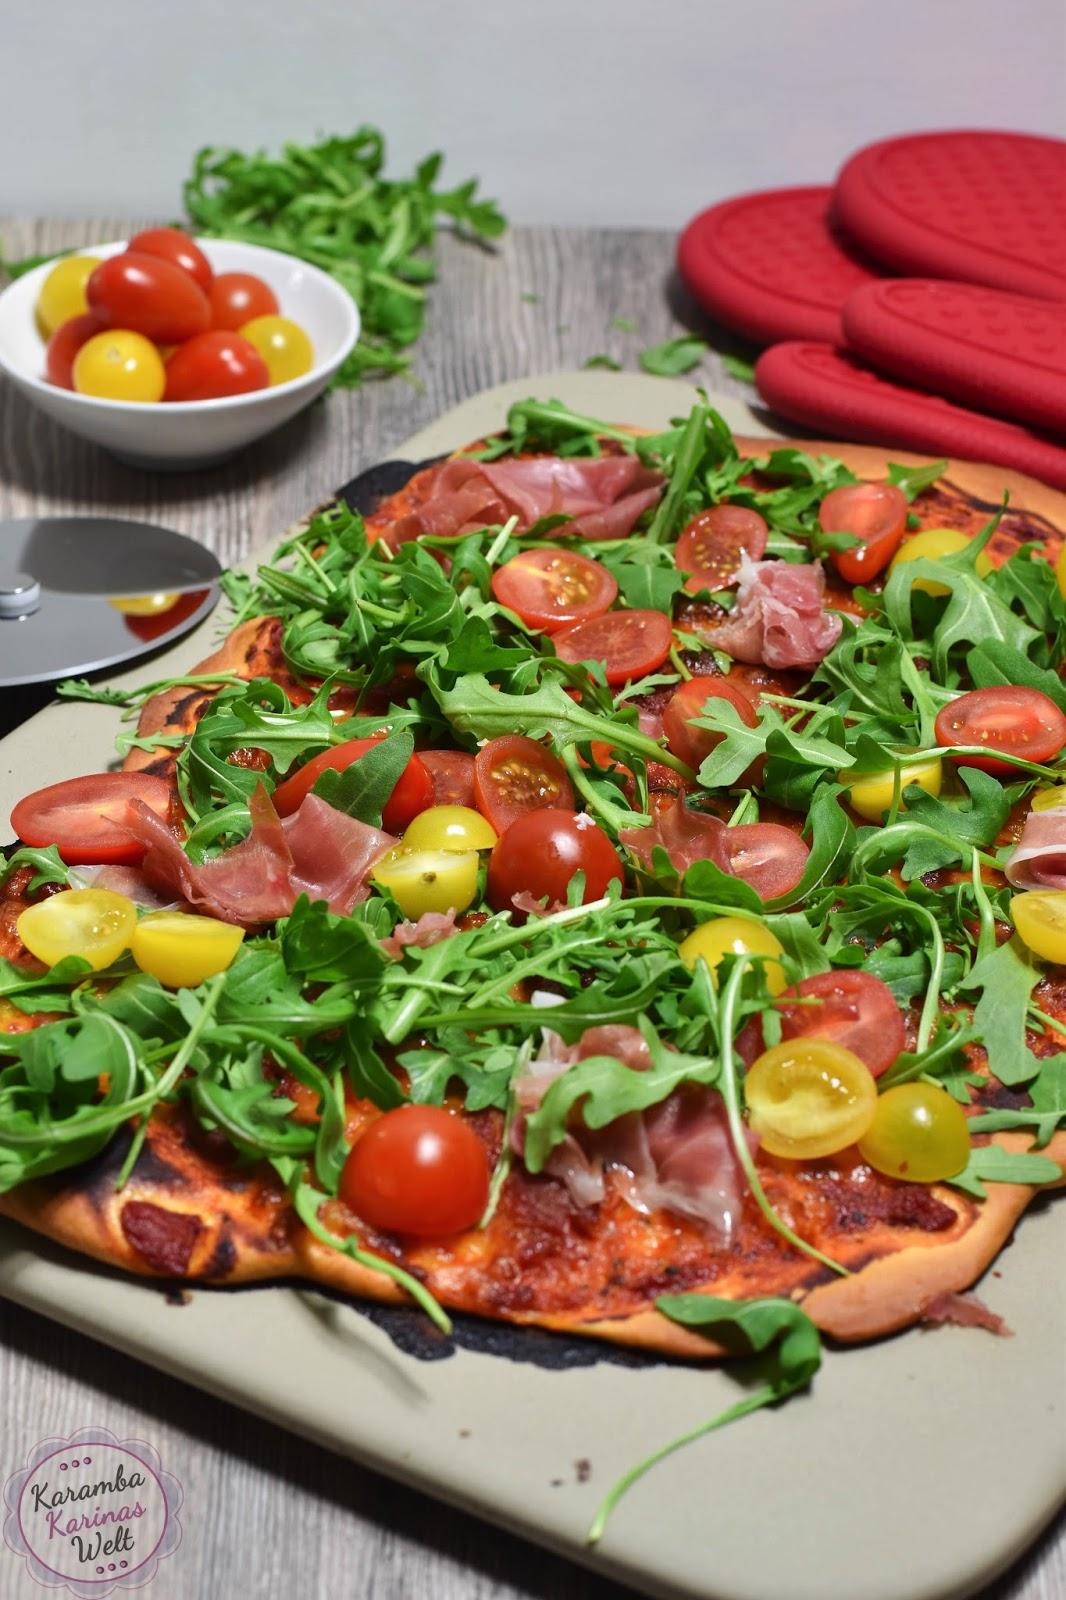 karambakarina 39 s welt pizza mit rucola parmaschinken und cocktail tomaten wie aus dem steinofen. Black Bedroom Furniture Sets. Home Design Ideas